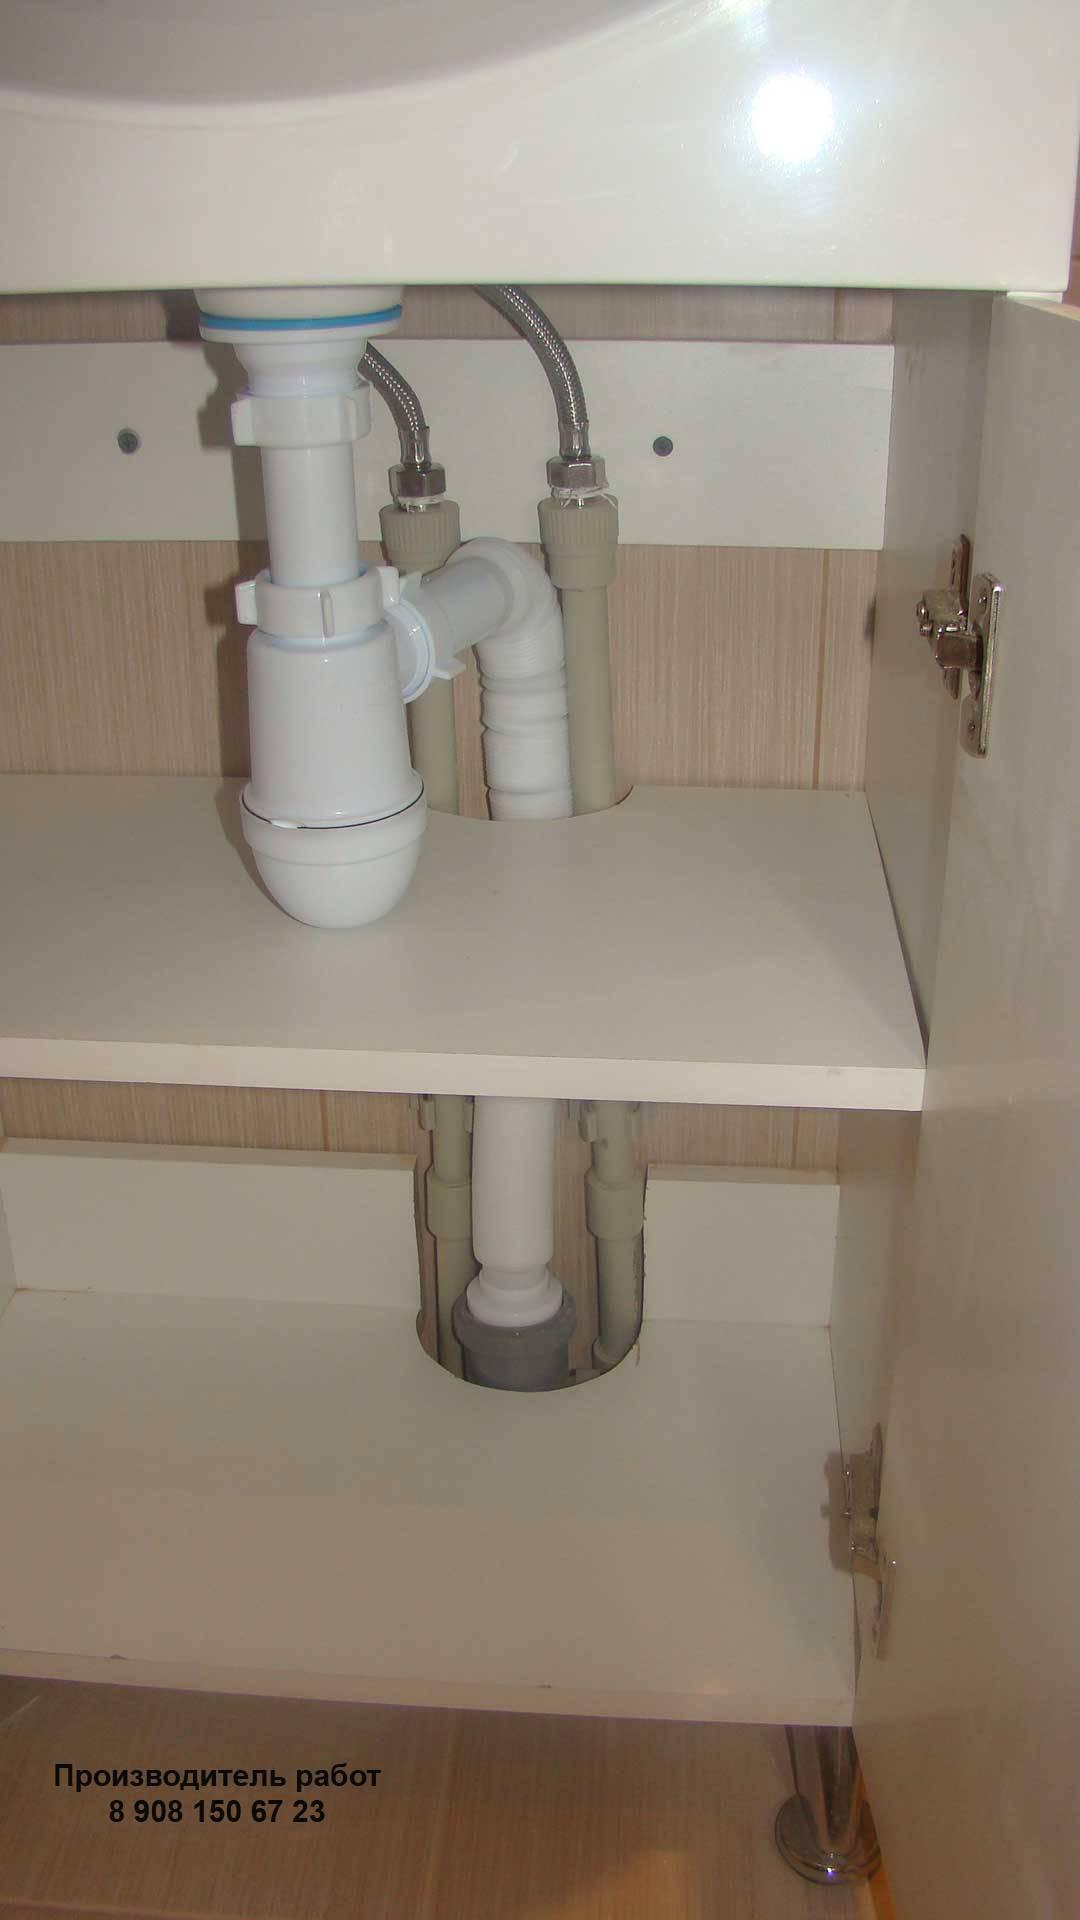 Как подключить раковину в ванной: особенности монтажных работ- Обзор +Видео